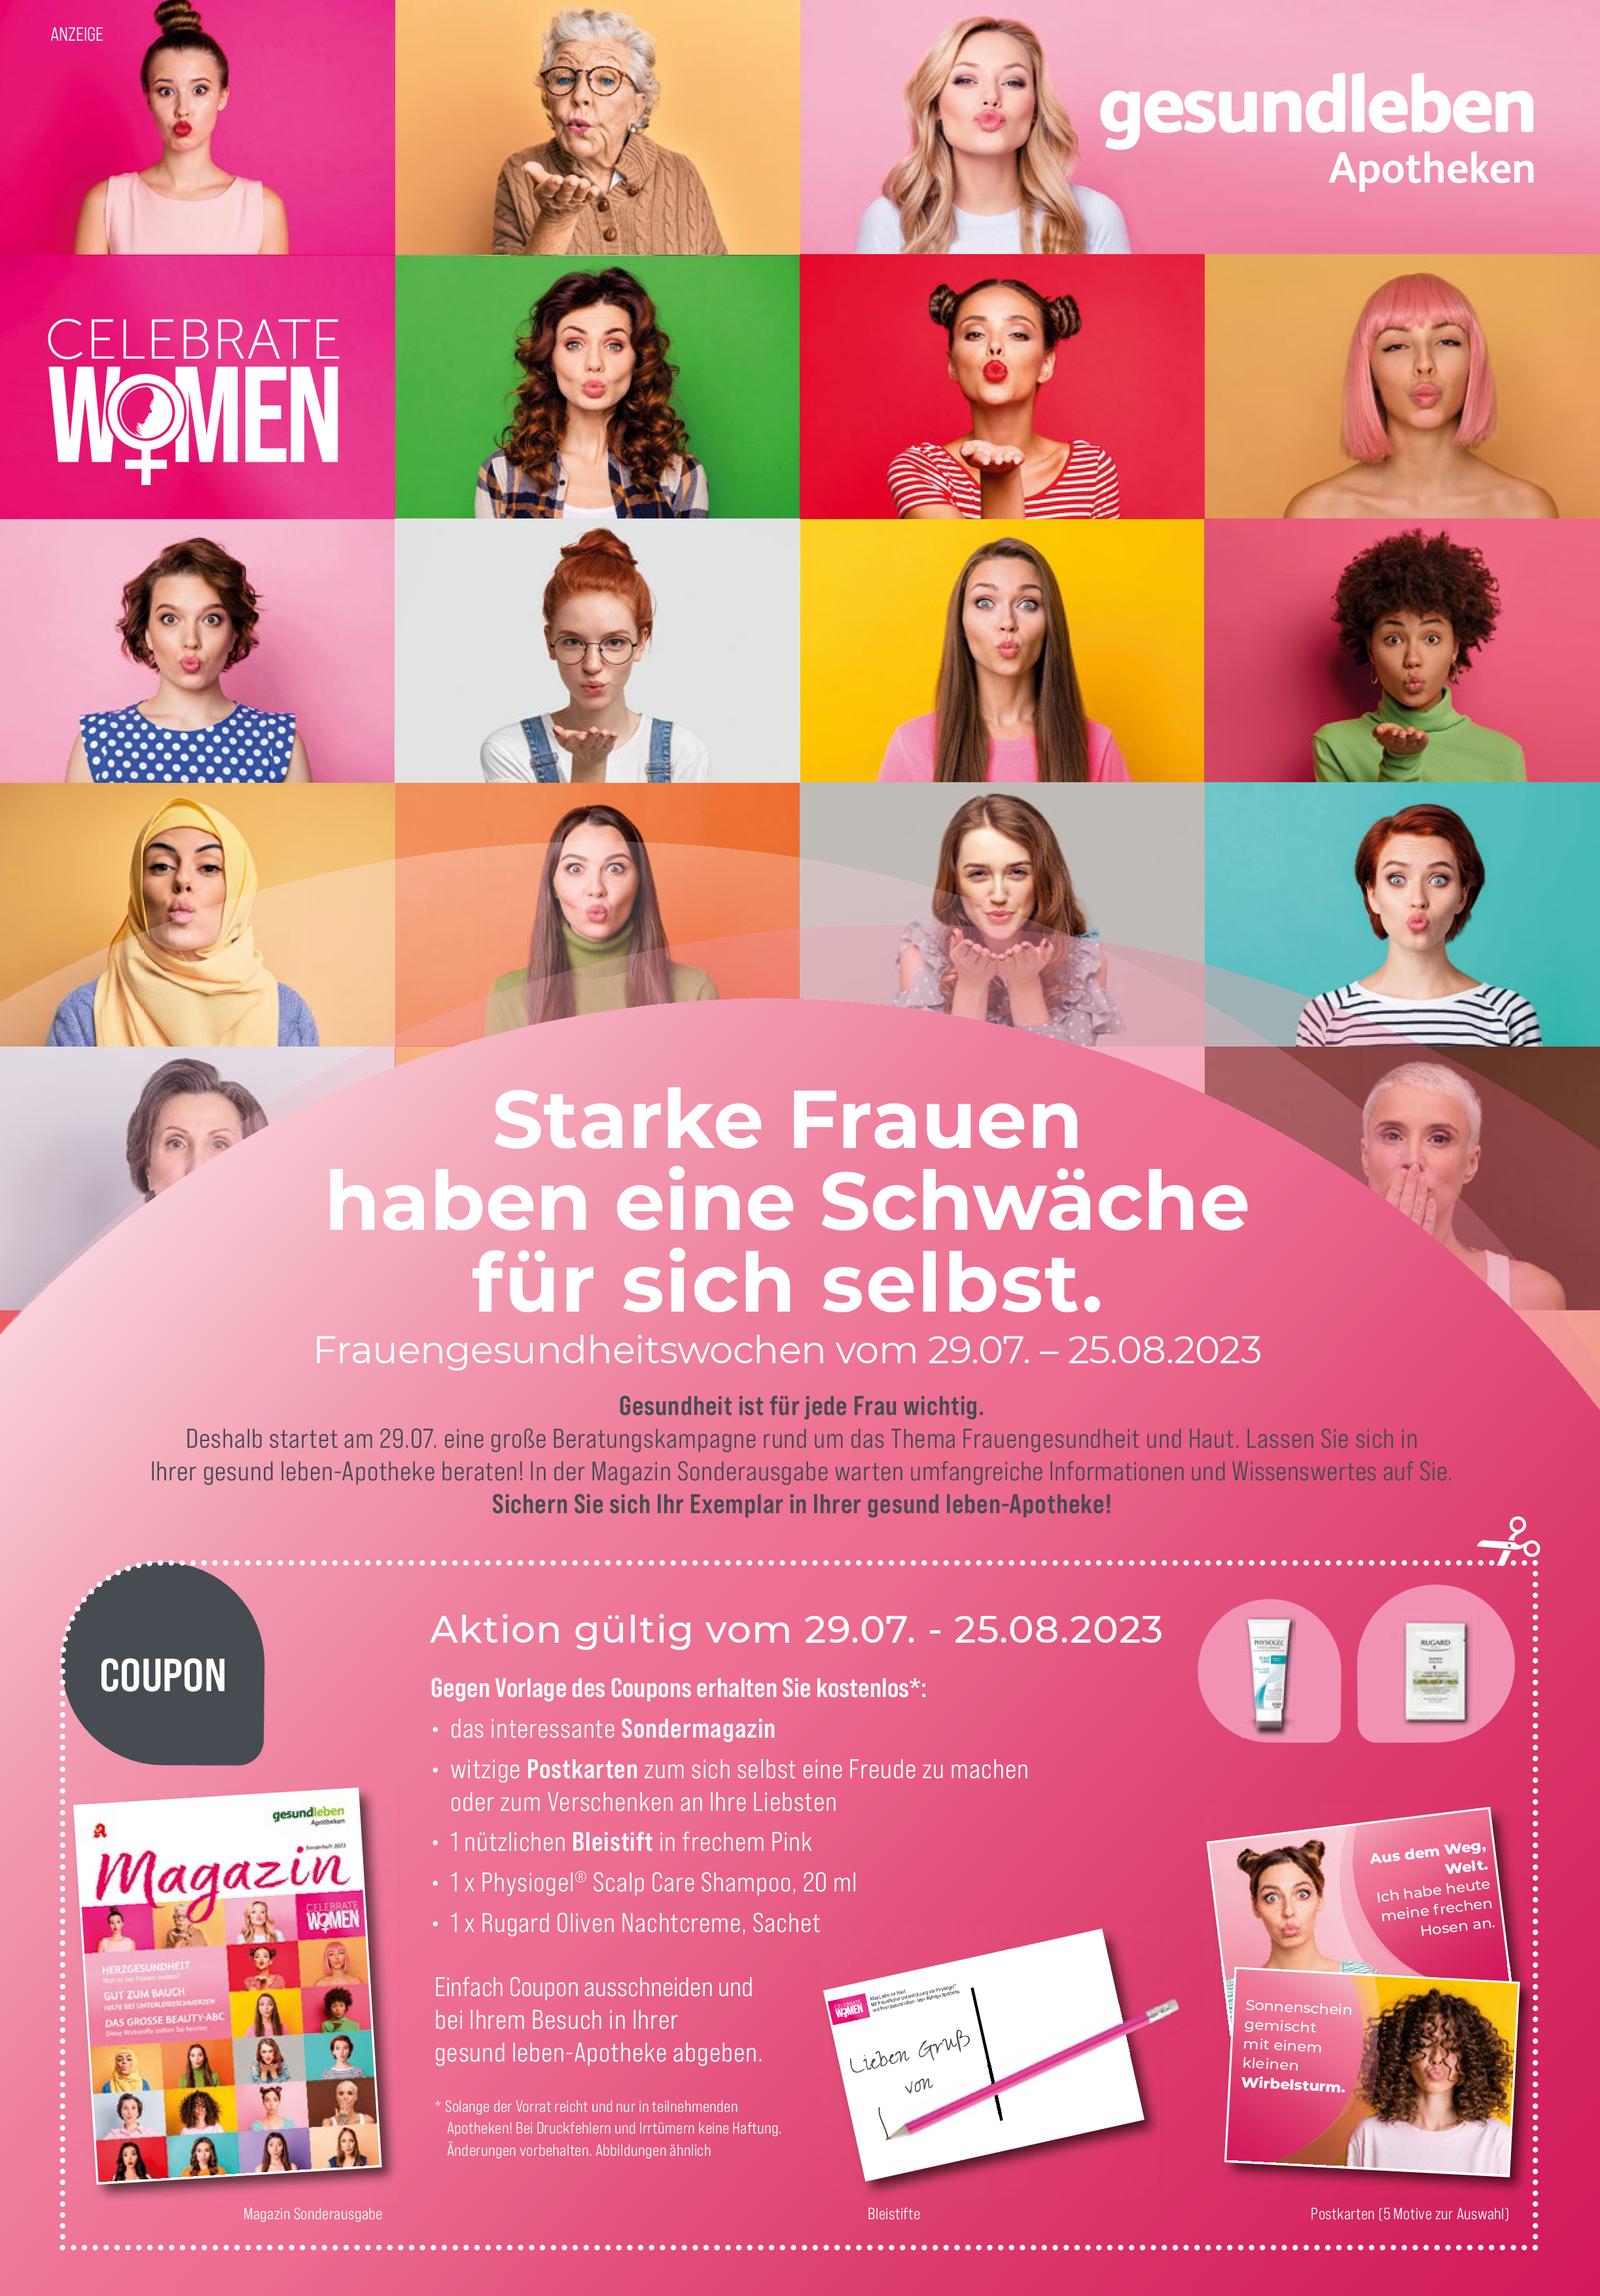 https://mein-uploads.apocdn.net/27677/leaflets/gesundleben_hoch-Seite5.png